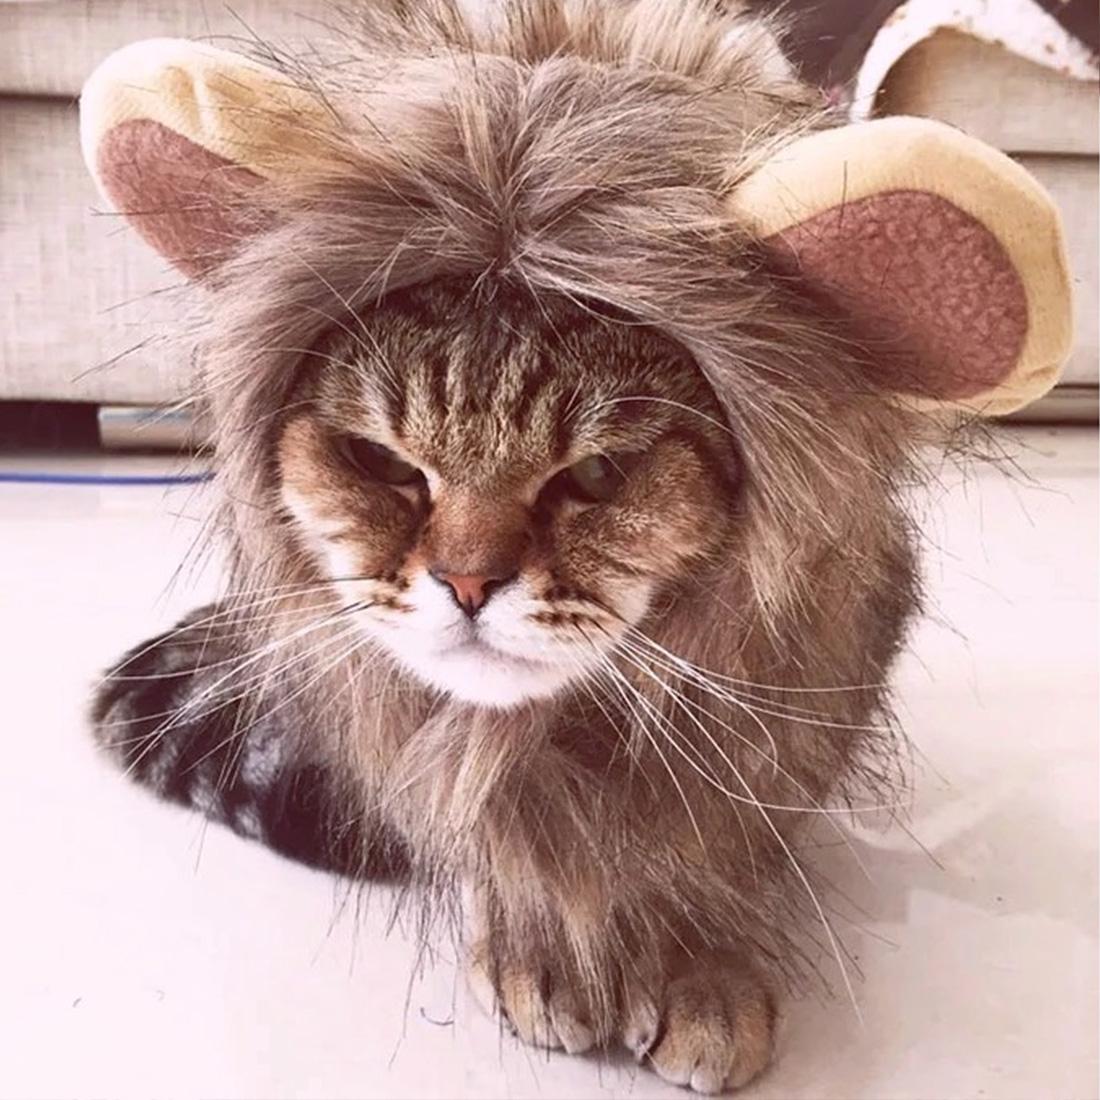 S M L Funny Small Pet Dog Cat Cosplay Lion Wig Head Cap Hat Costume ... 343fb1bda